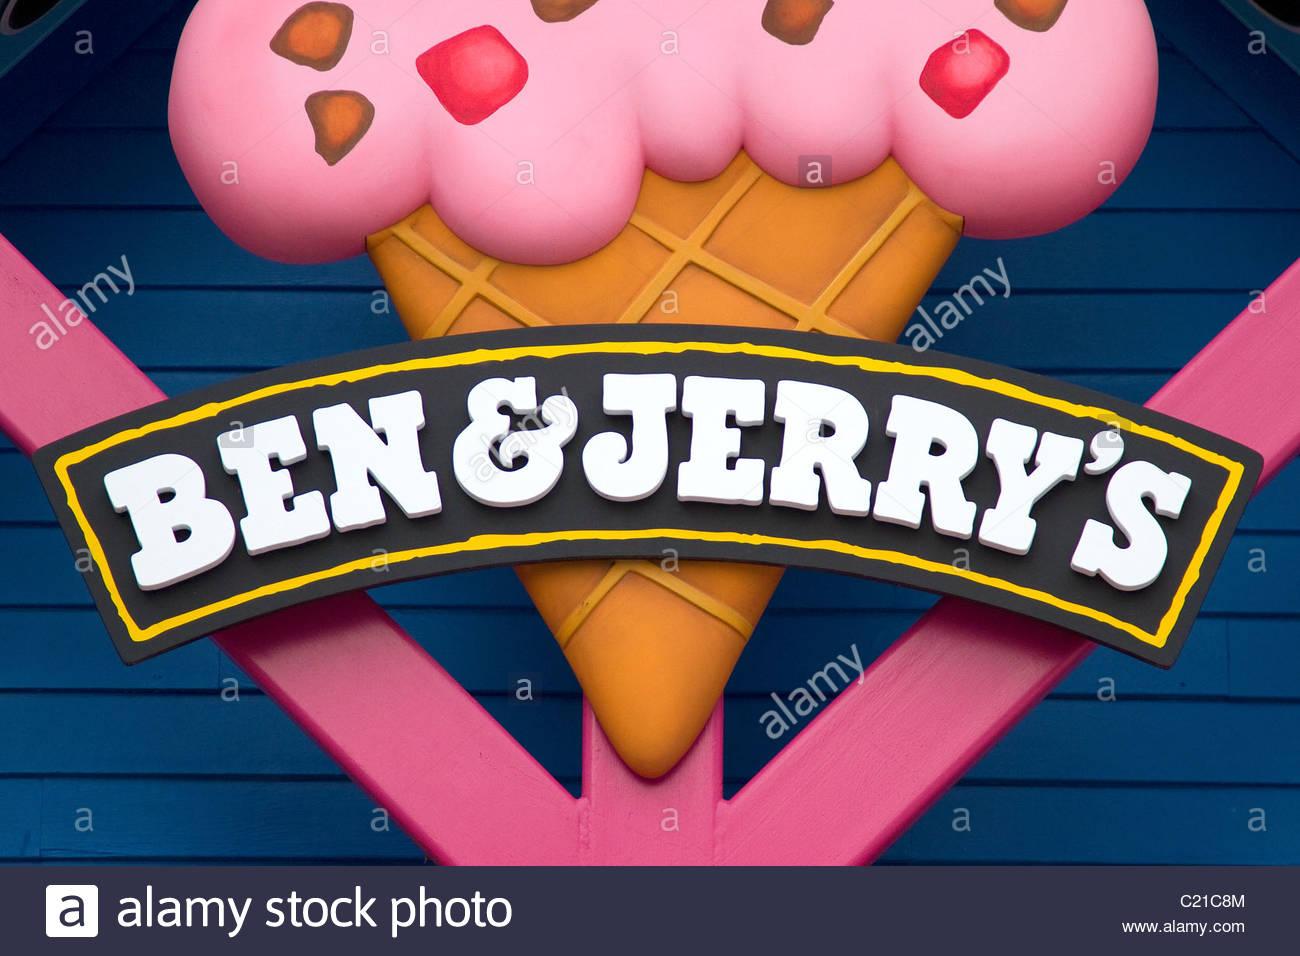 Günstiges B&J Eis abstauben